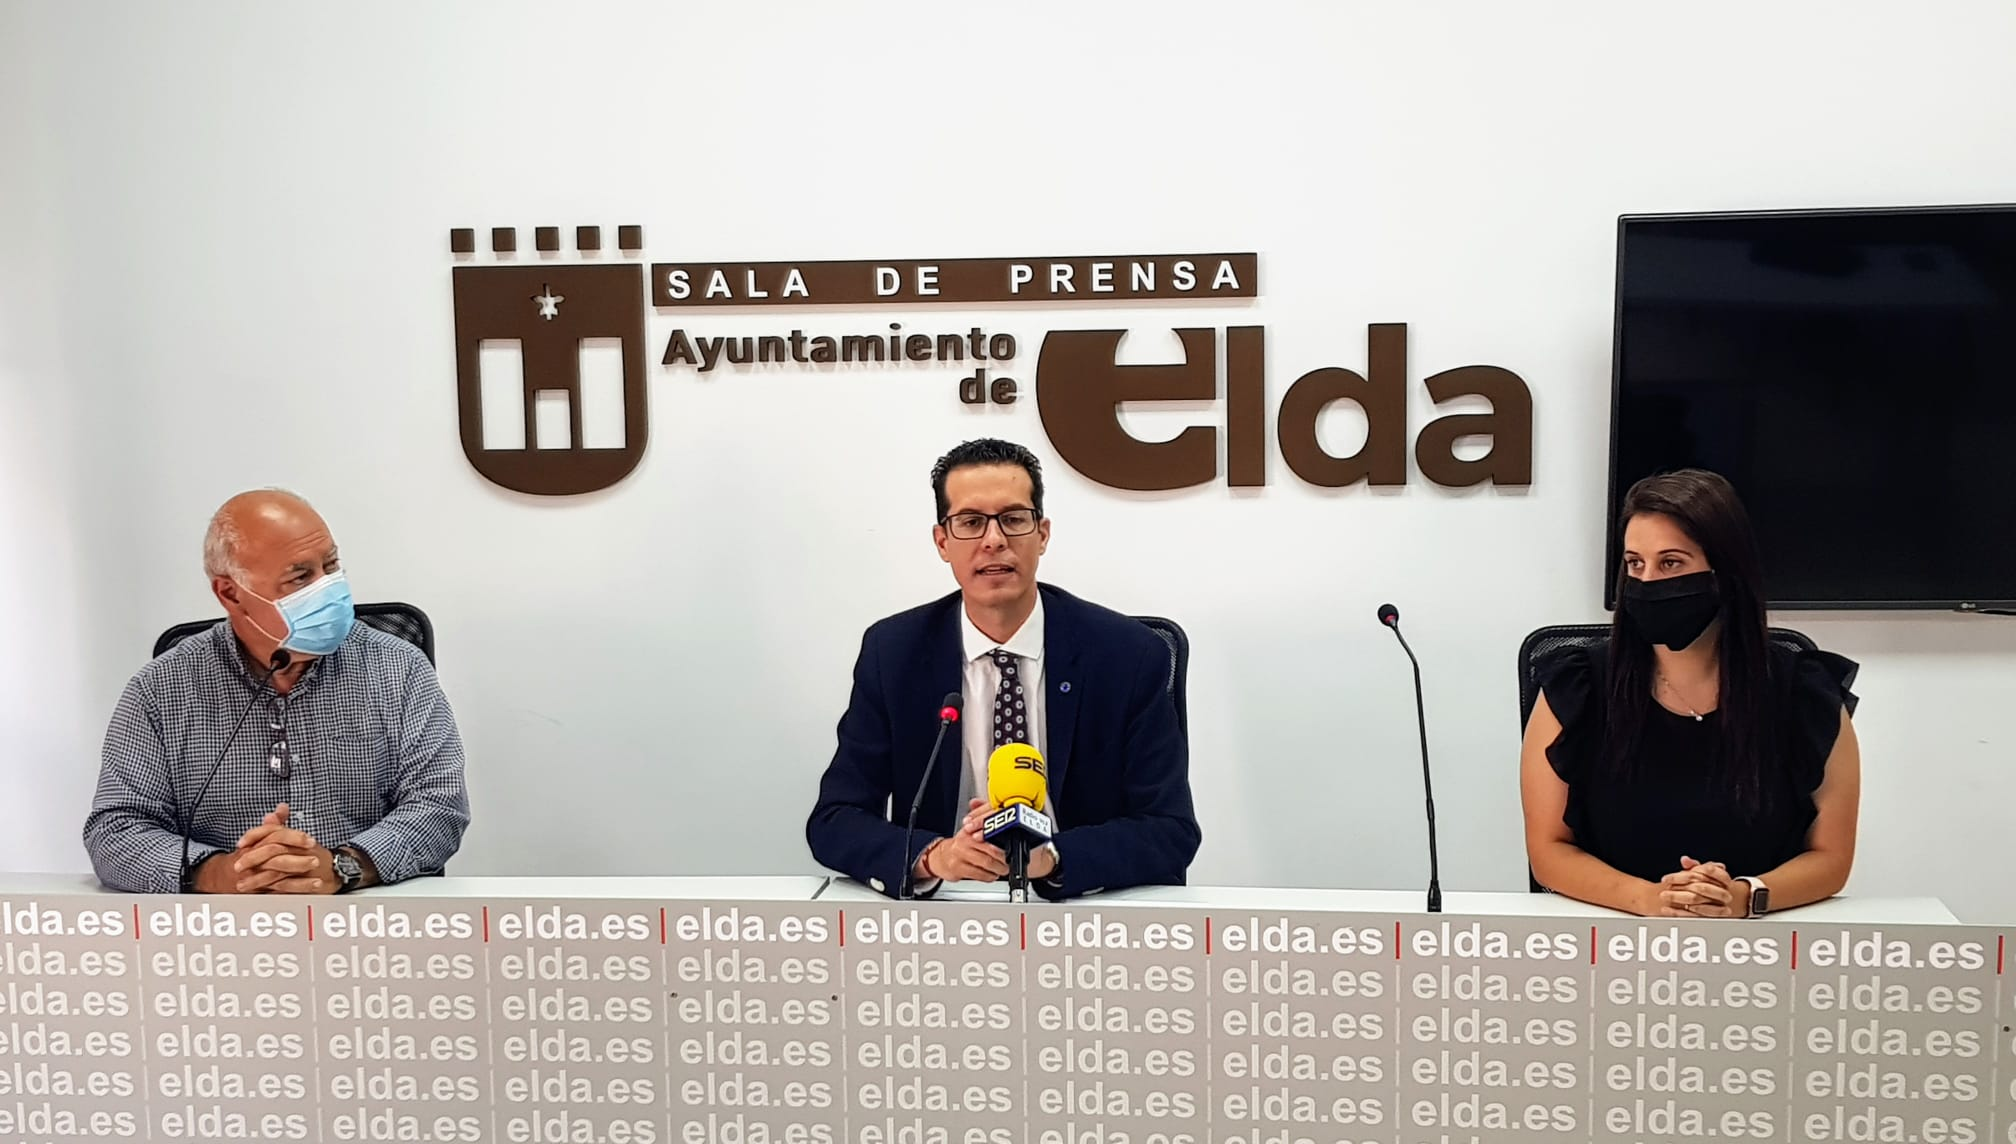 El Ayuntamiento de Elda acuerda de manera unánime suspender los actos de celebración de  las Fiestas Mayores de septiembre